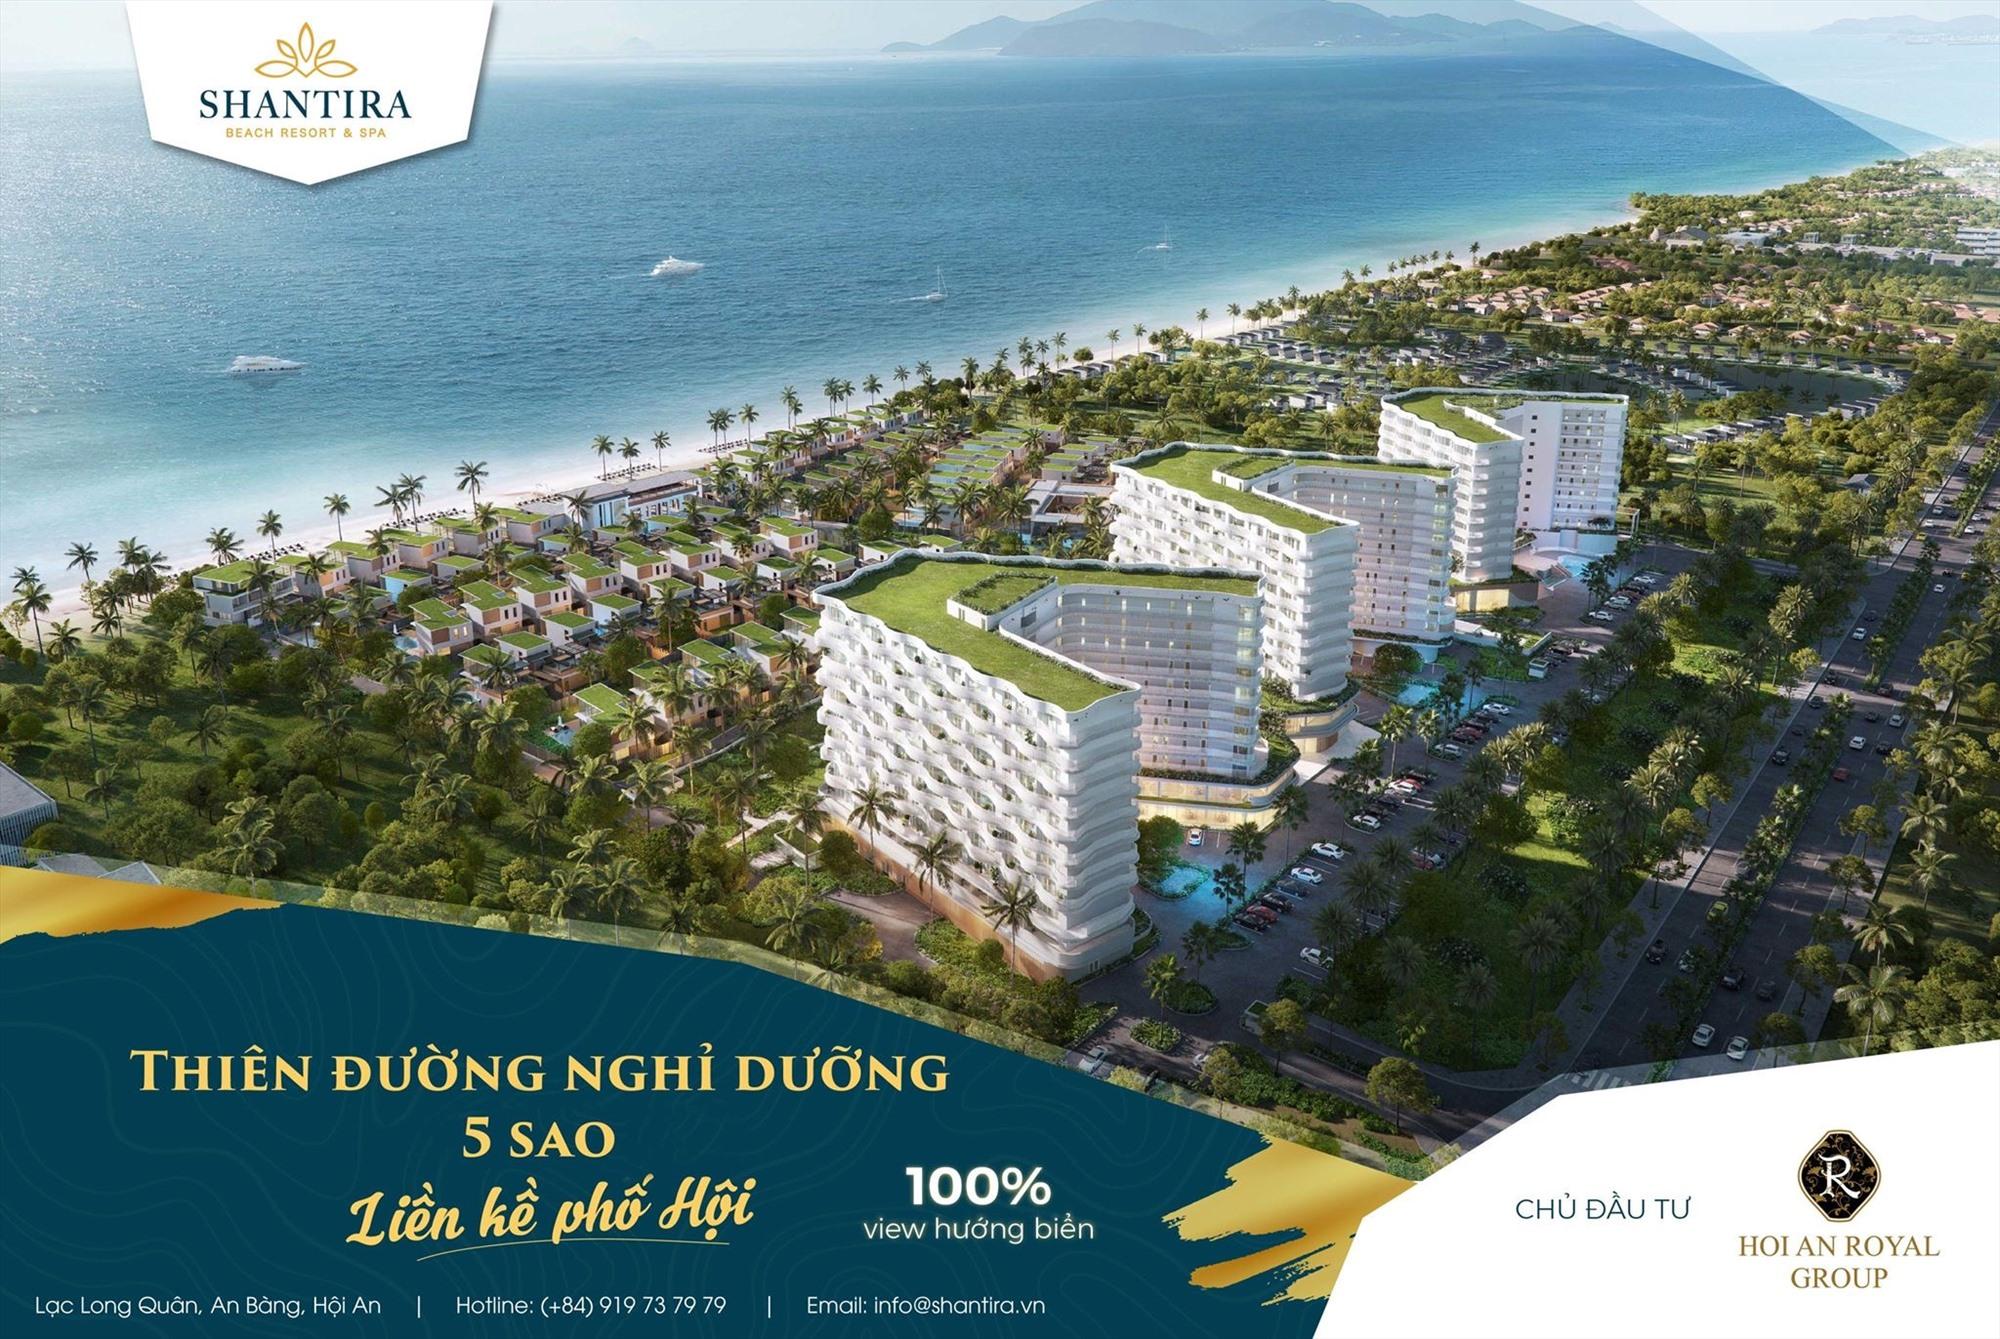 Phối cảnh tổng thể dự án Khu nghỉ dưỡng Shantira Beach Resort &Spa.